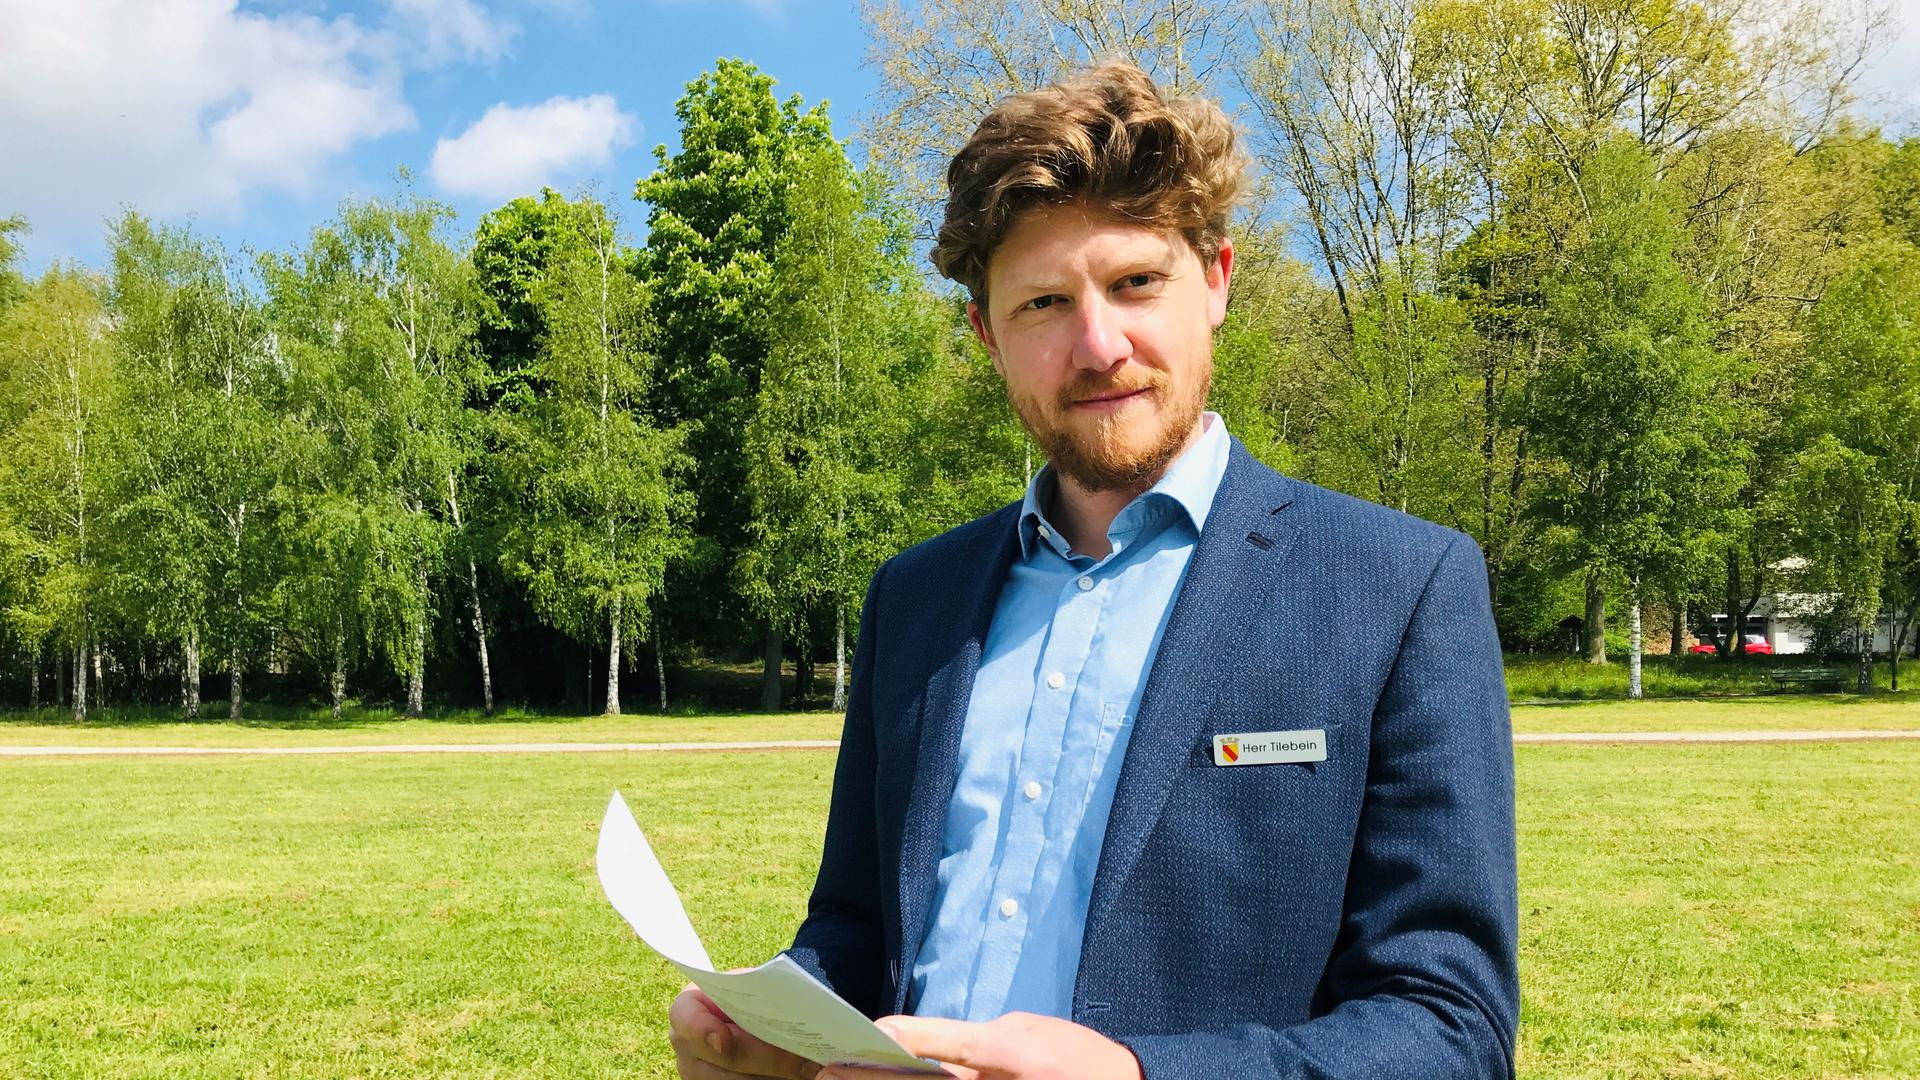 Mats Tilebein, neuer Leiter des Fachgebiets Ordnung und Sicherheit im Rathaus, beim Ortstermin im Wörtböschelpark in Baden-Baden.